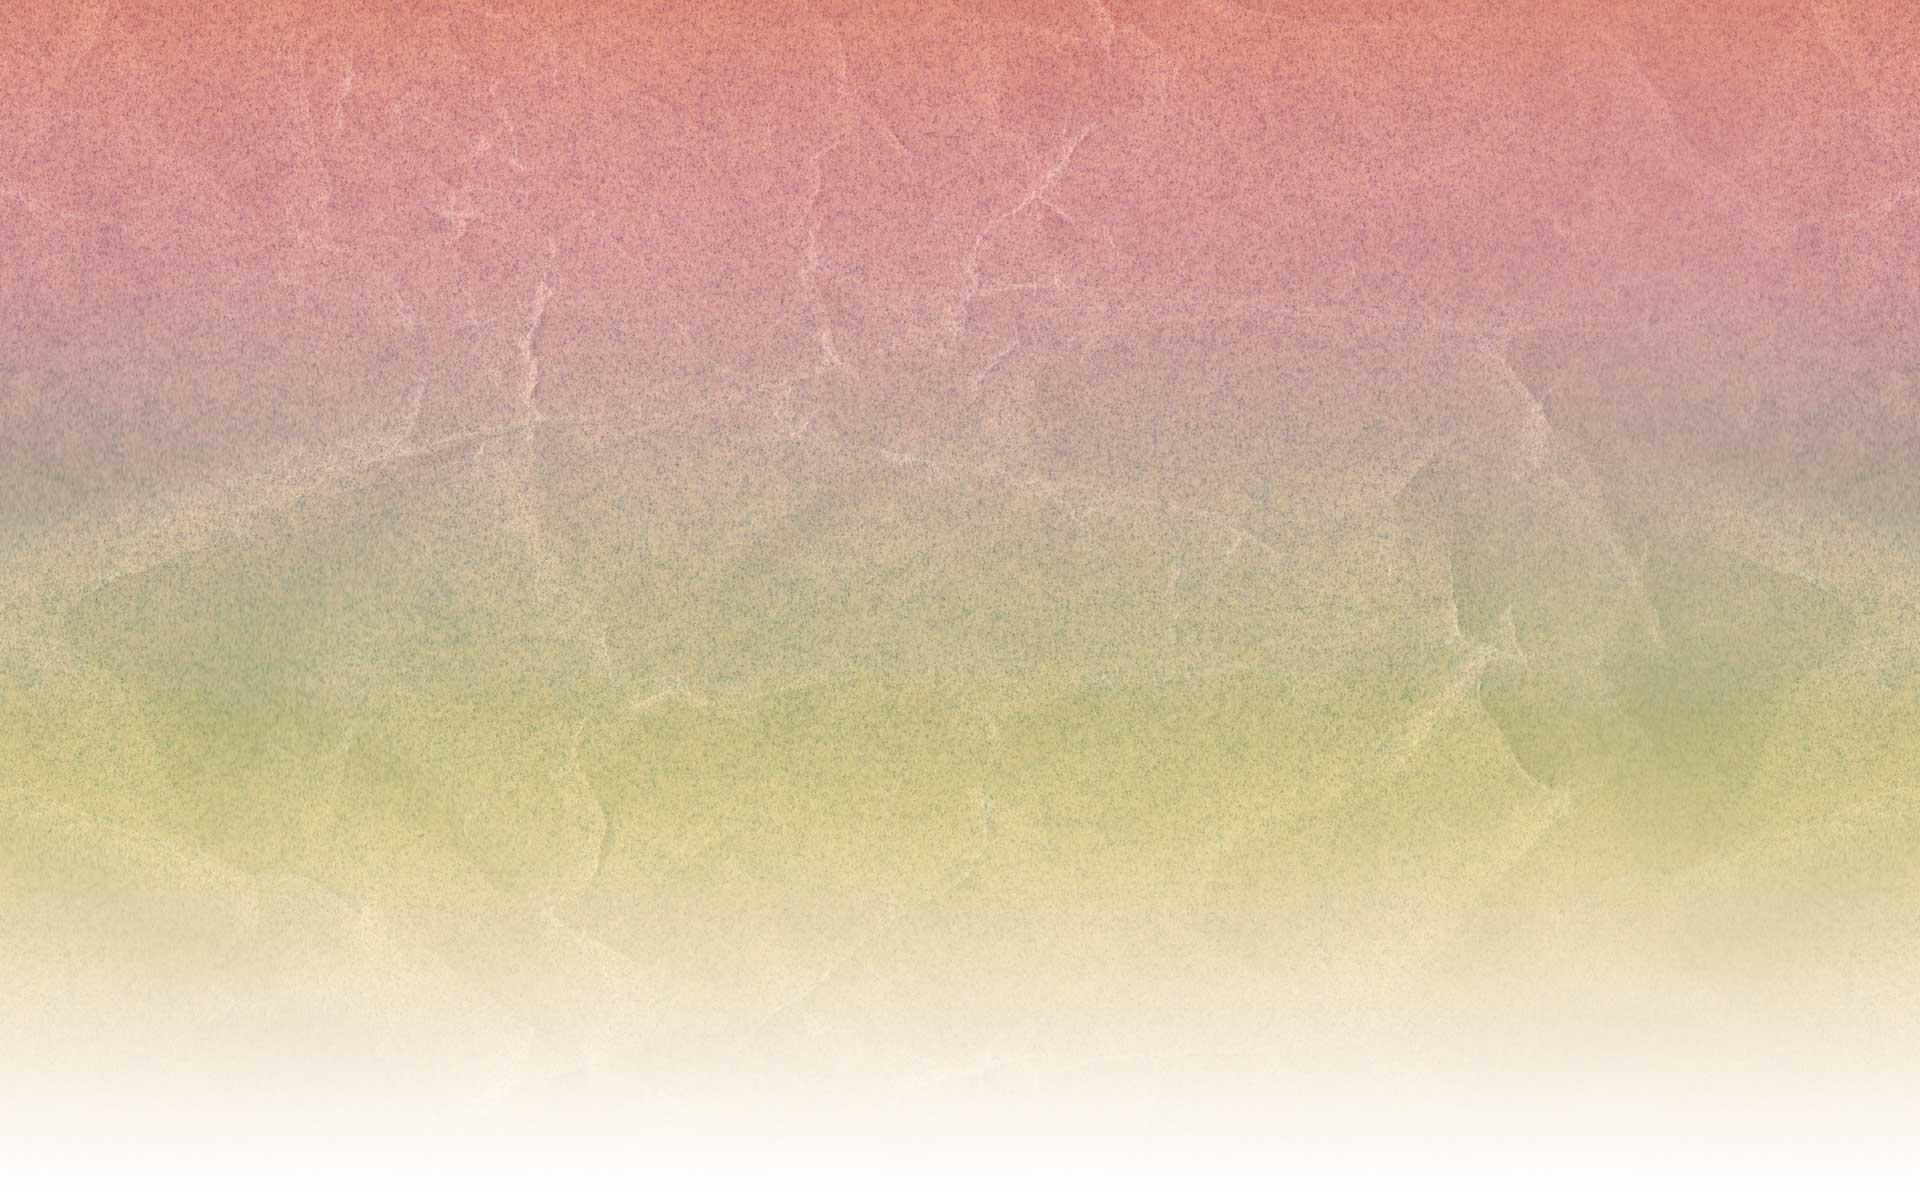 Best Resolution For Website Background Images | Slide Background Edit